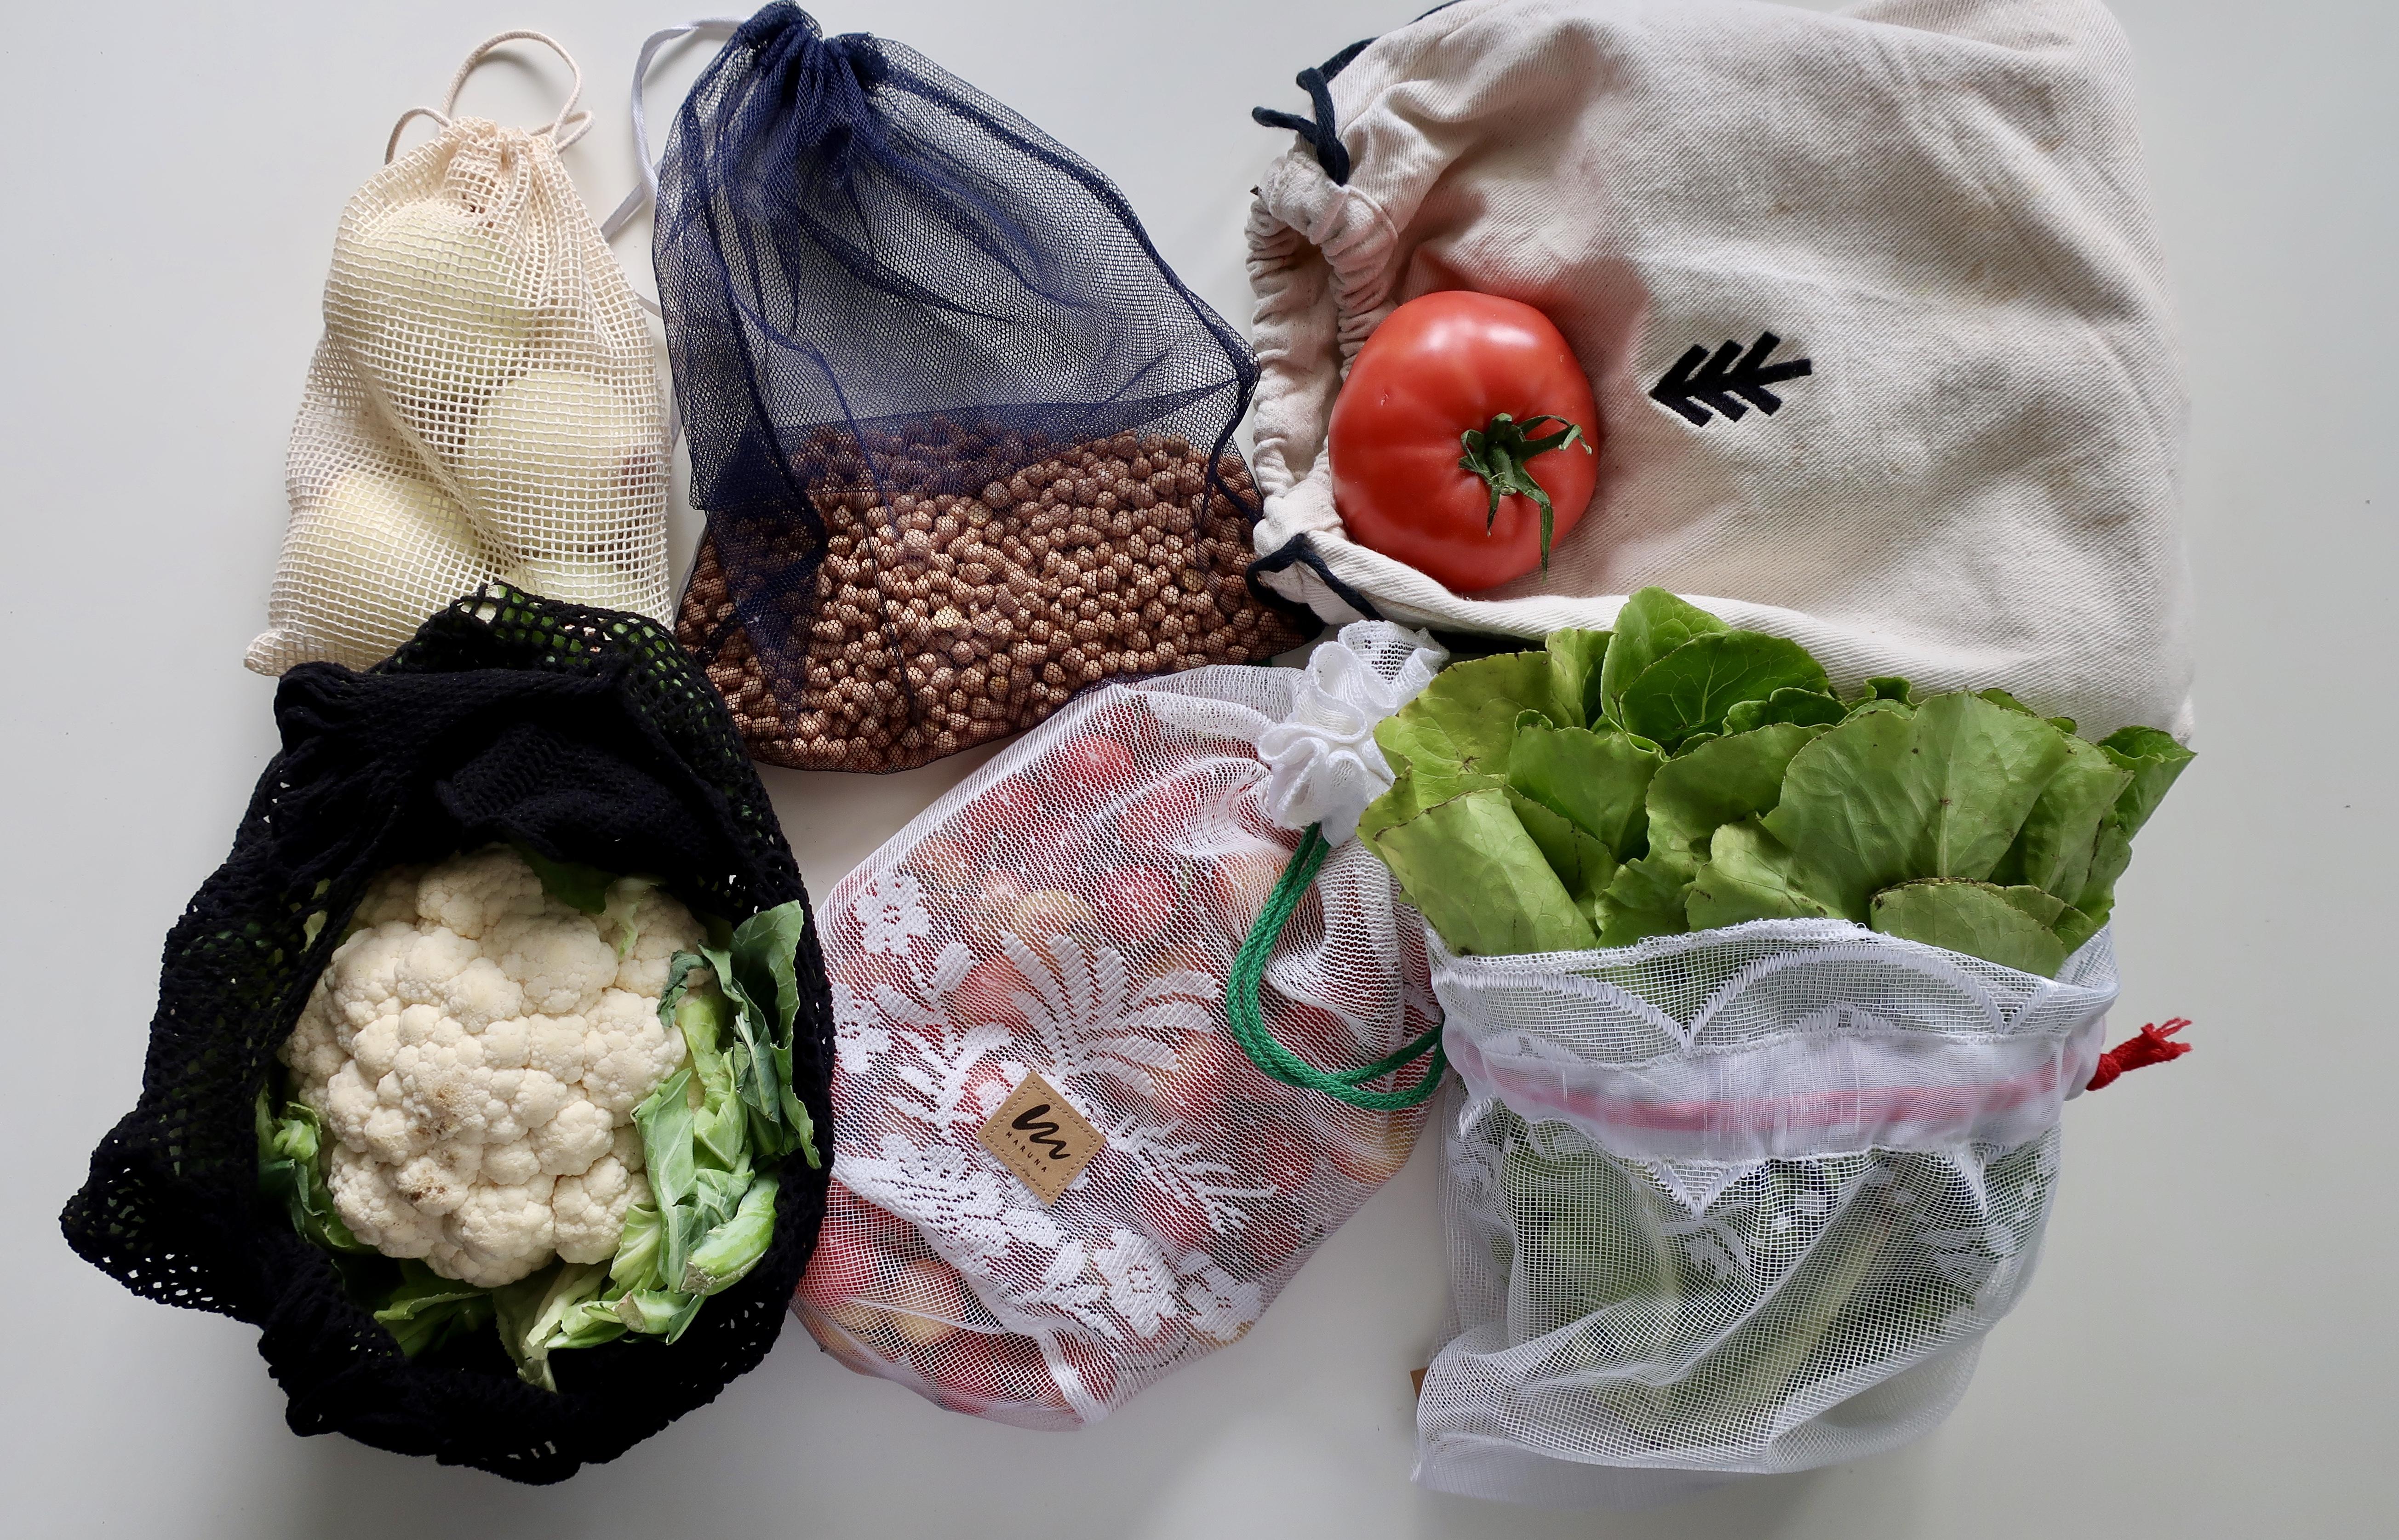 Ograniczam Się Worki, woreczki, torby na zakupy zero waste